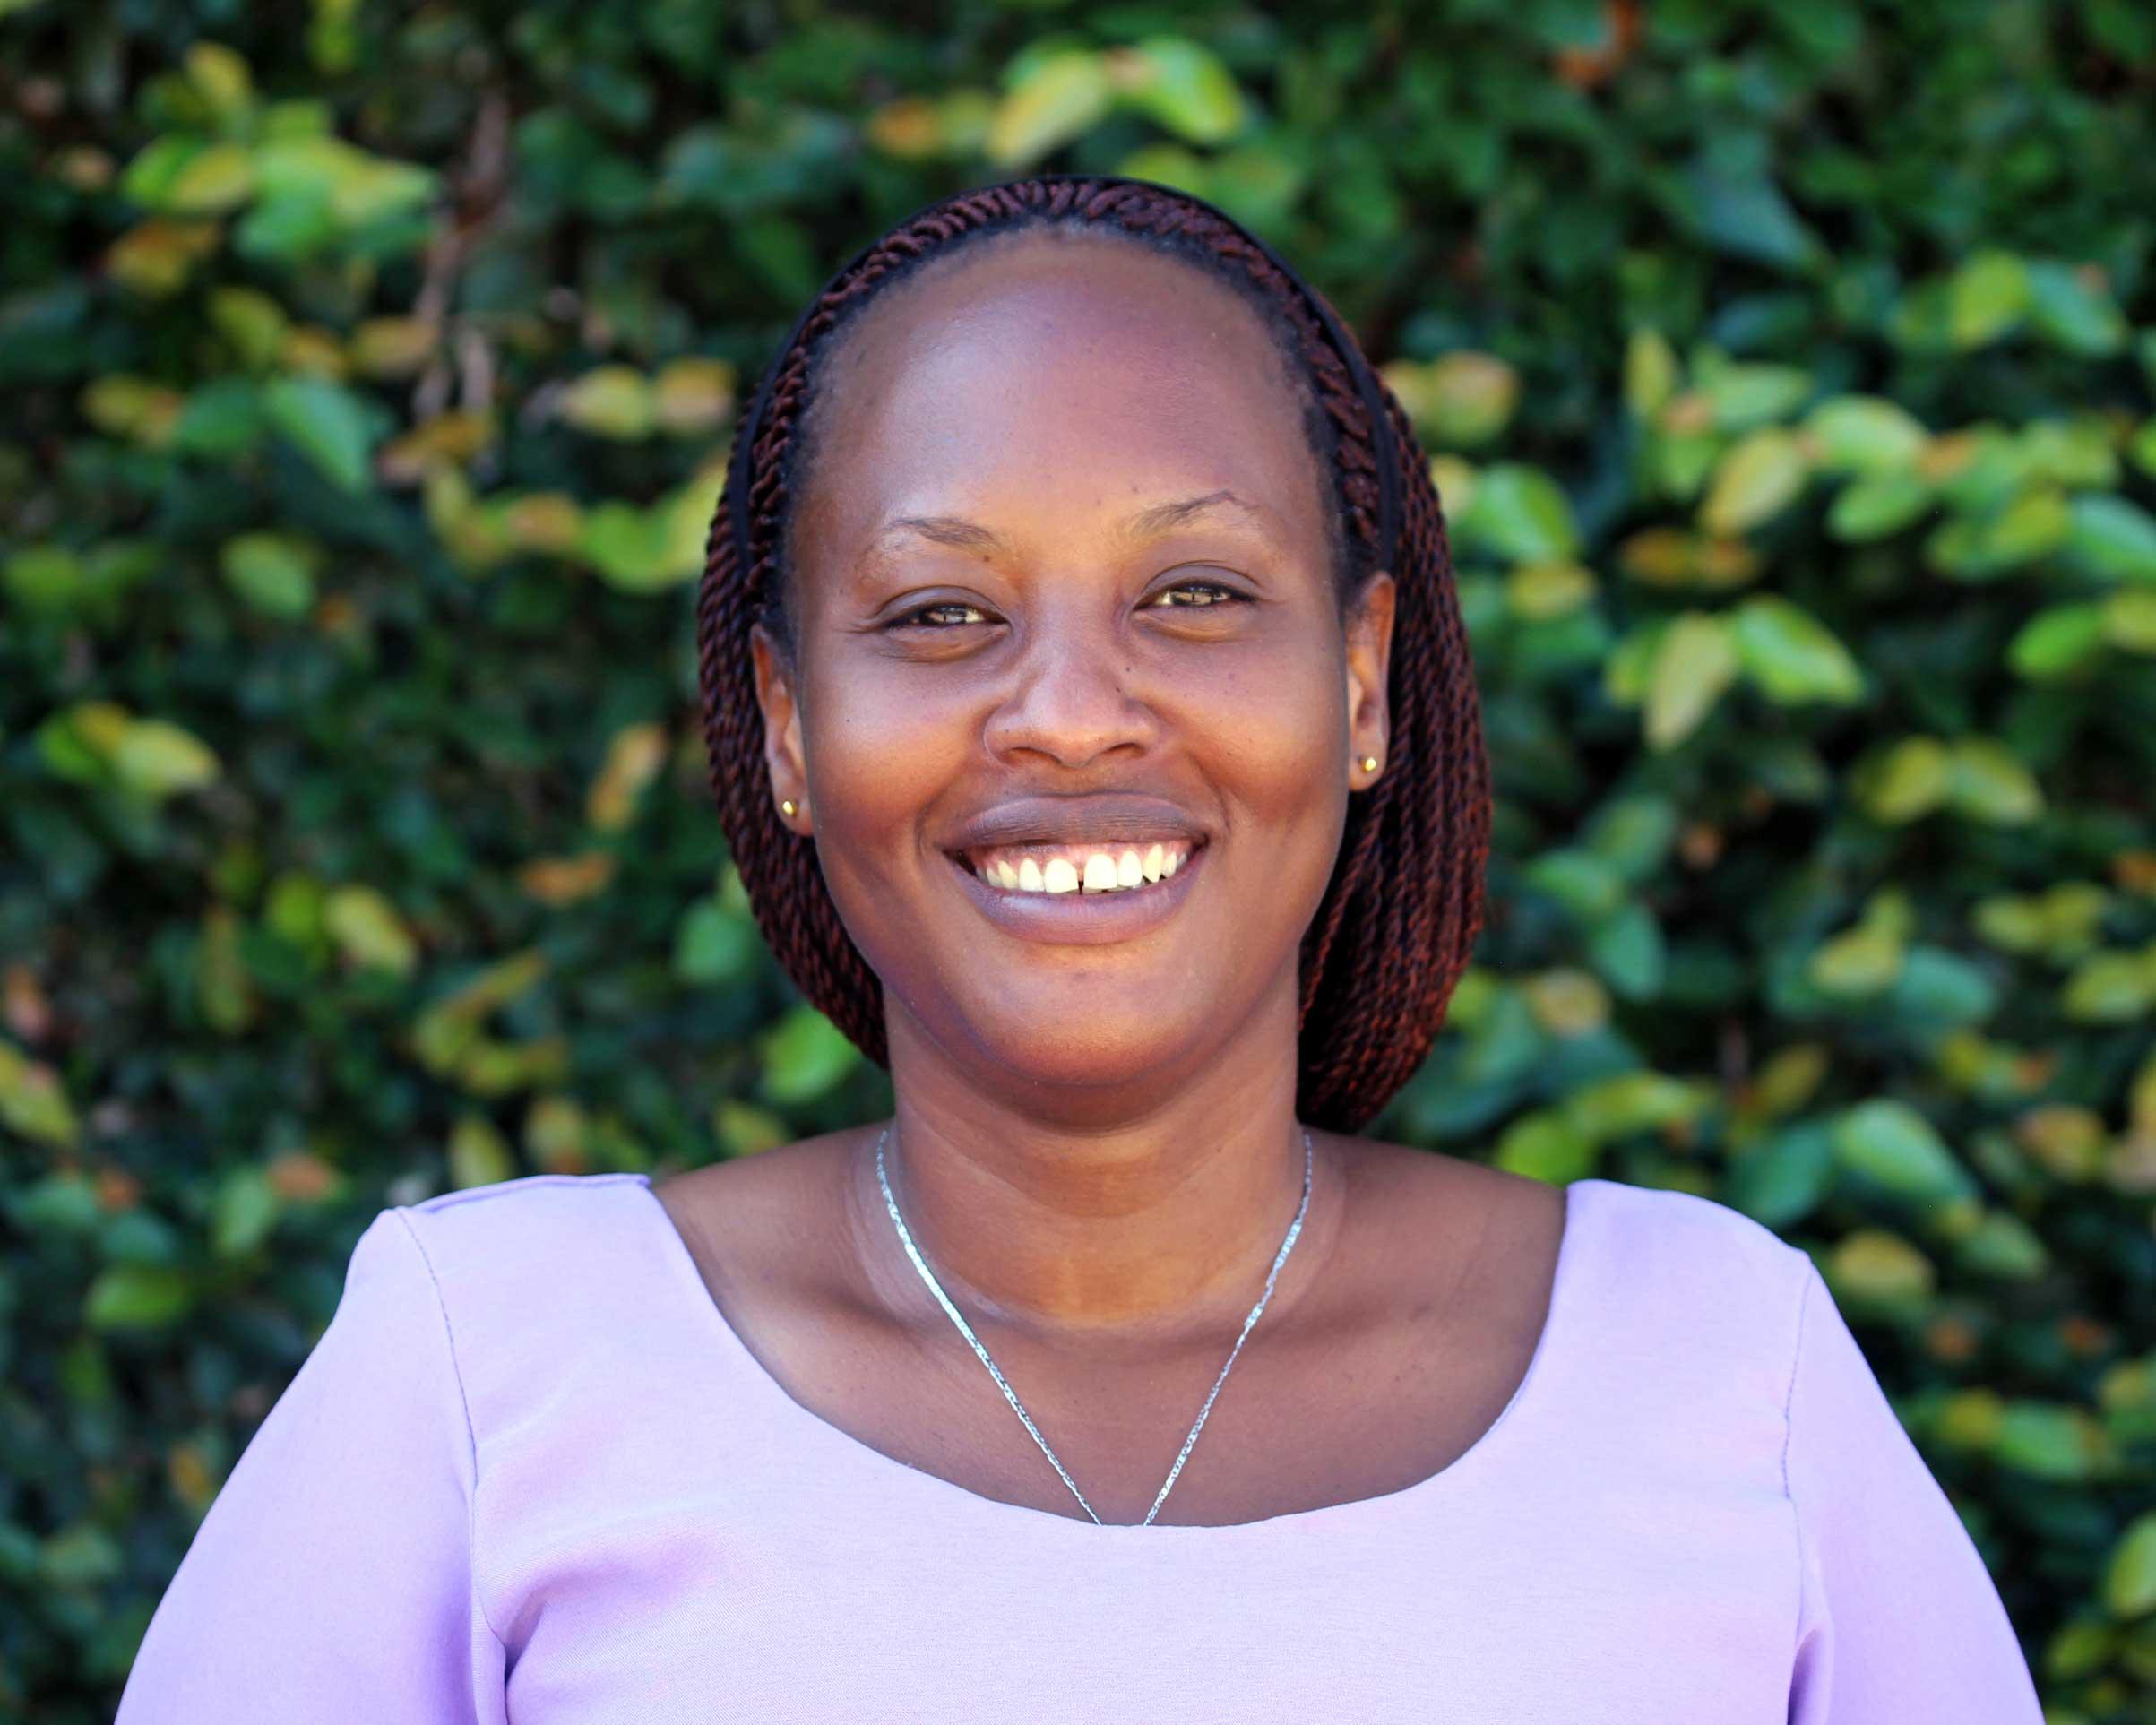 Julienne Muhimpundu